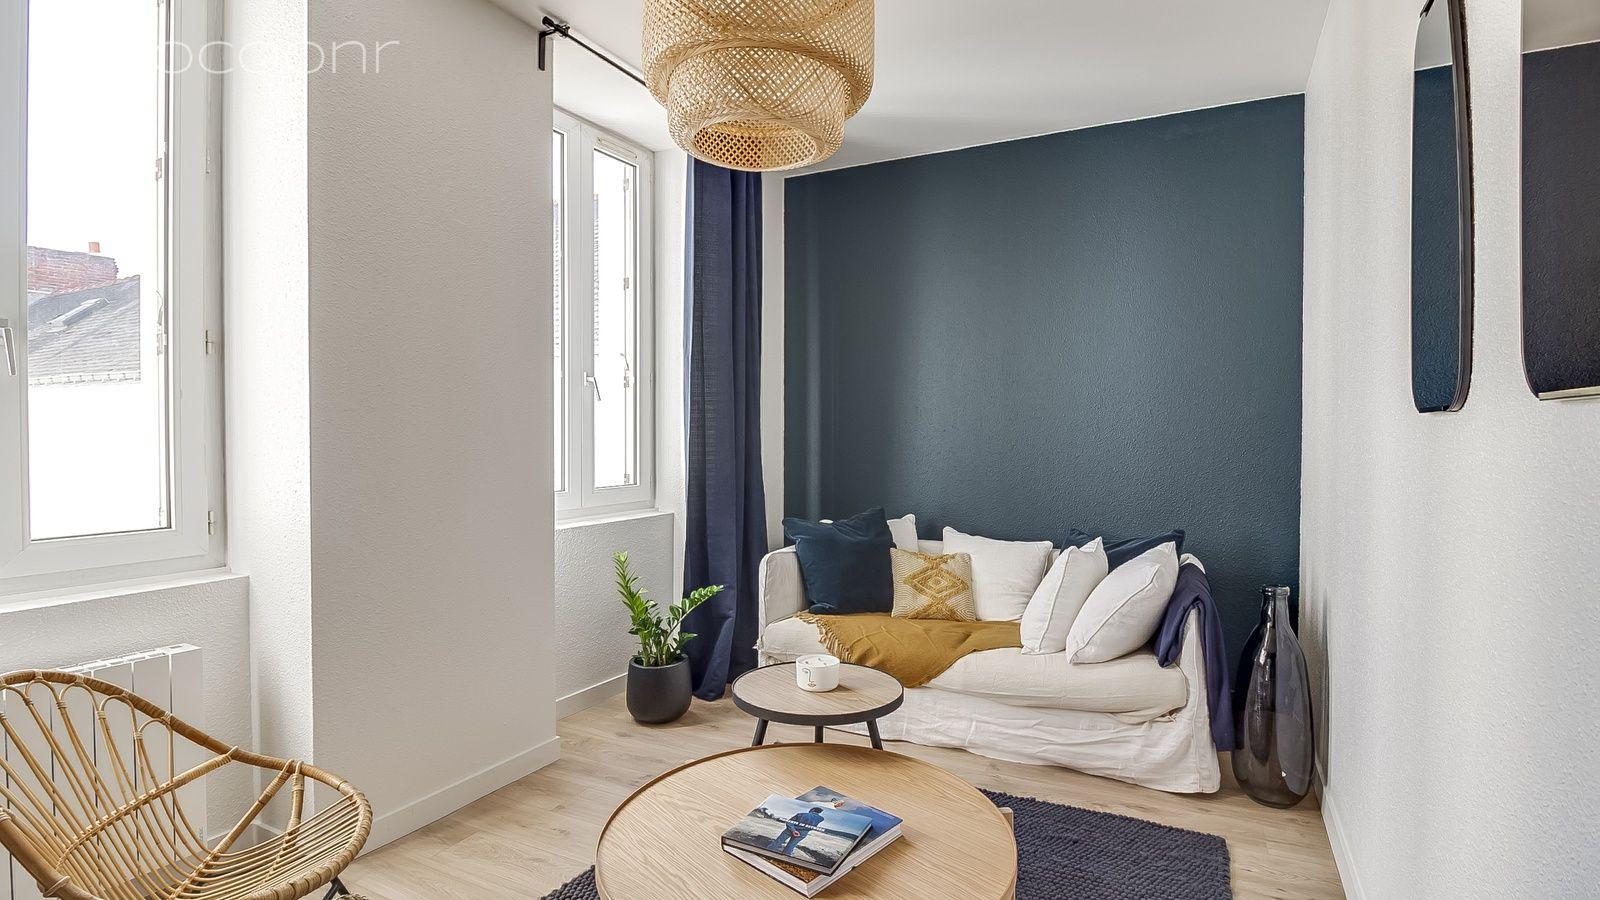 Le Carre Bleu Nantes Appartement A Louer A Nantes Louer Un Appartement Carre Bleu Decoration Maison